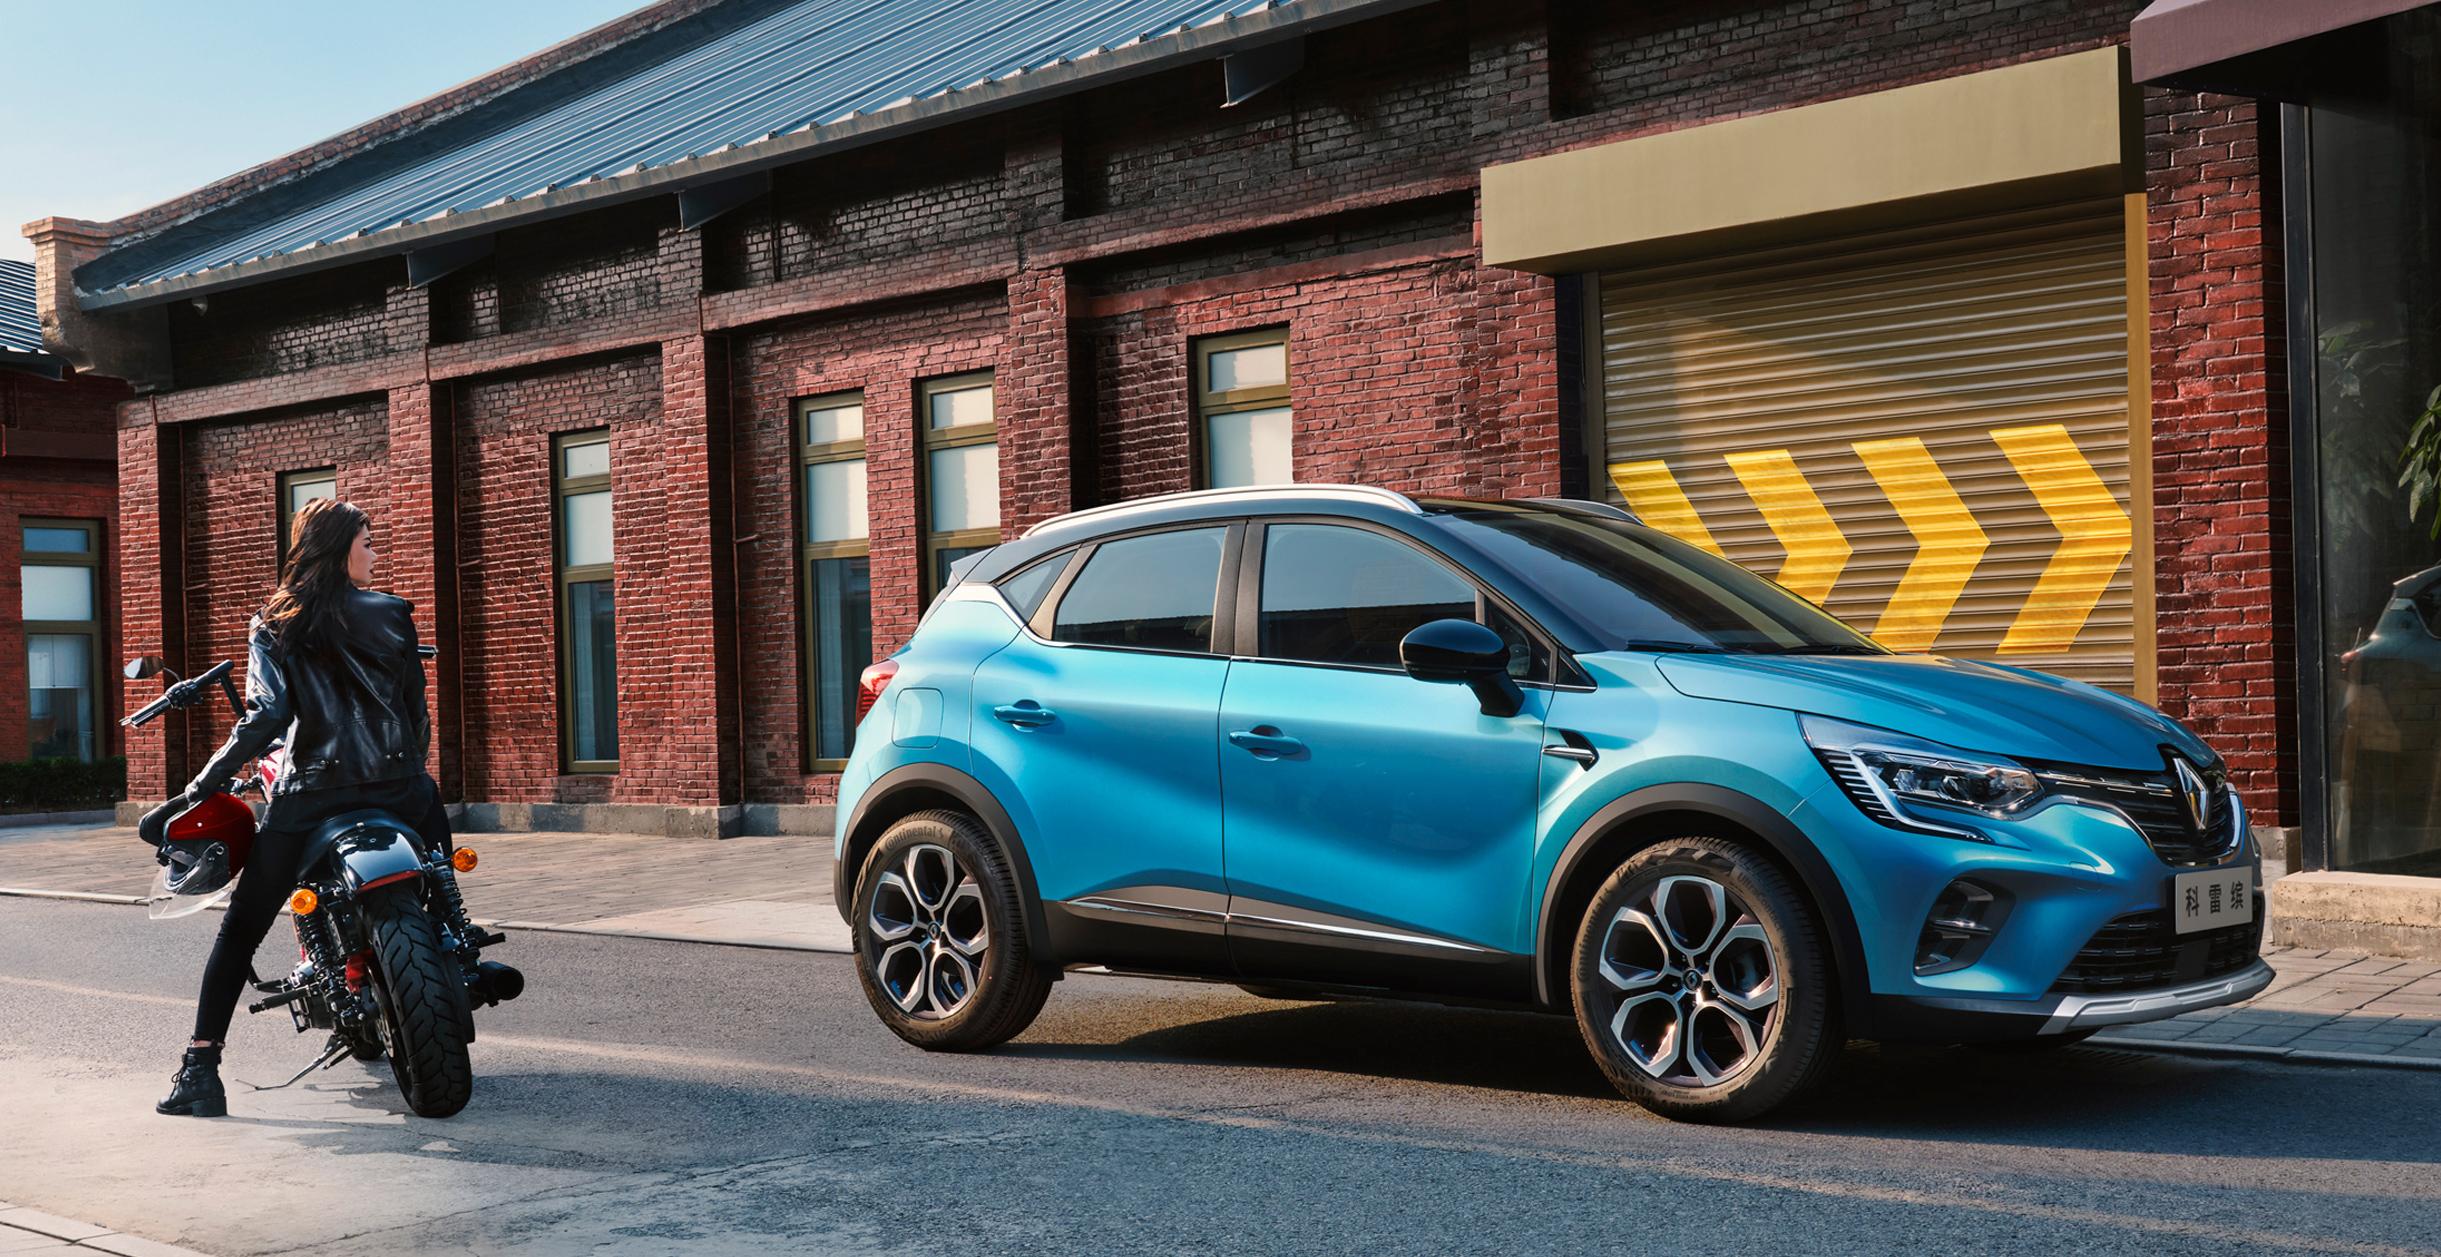 東風雷諾推出全新SUV科雷繽 全球同步首發